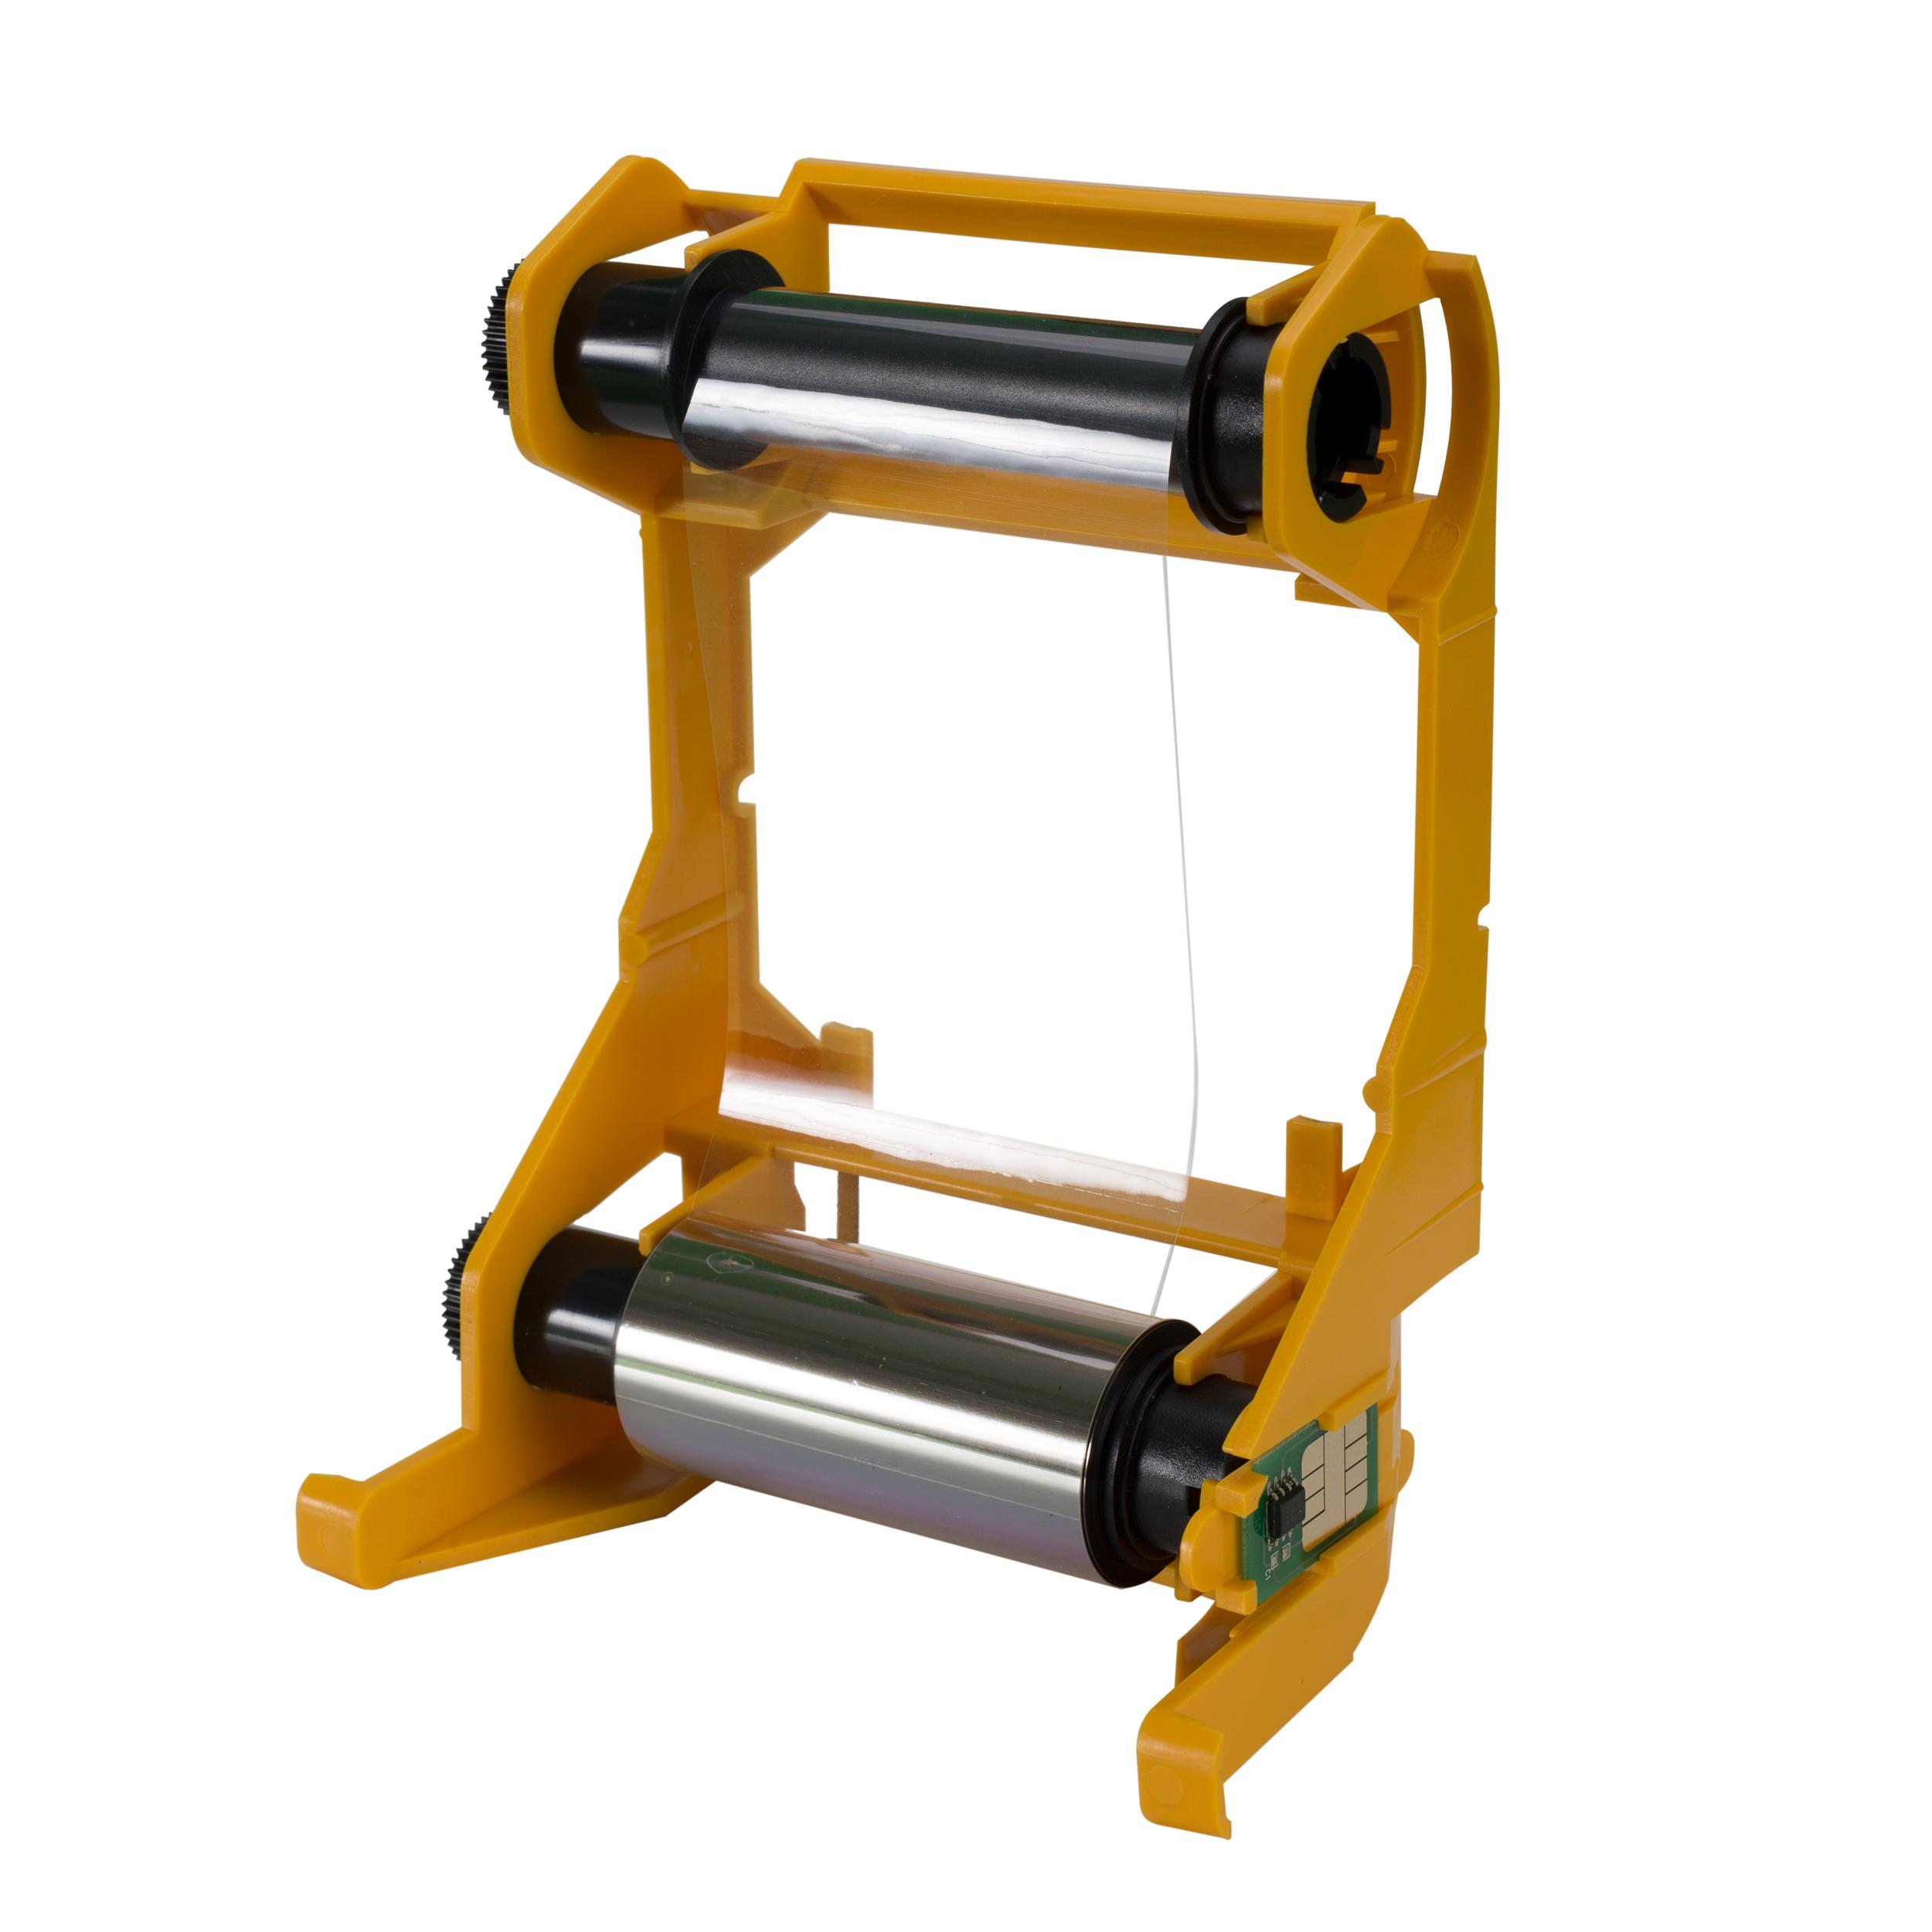 Цветная лента совместимая с принтером Zebra 800011-140 YMCKO Compatible ribbon